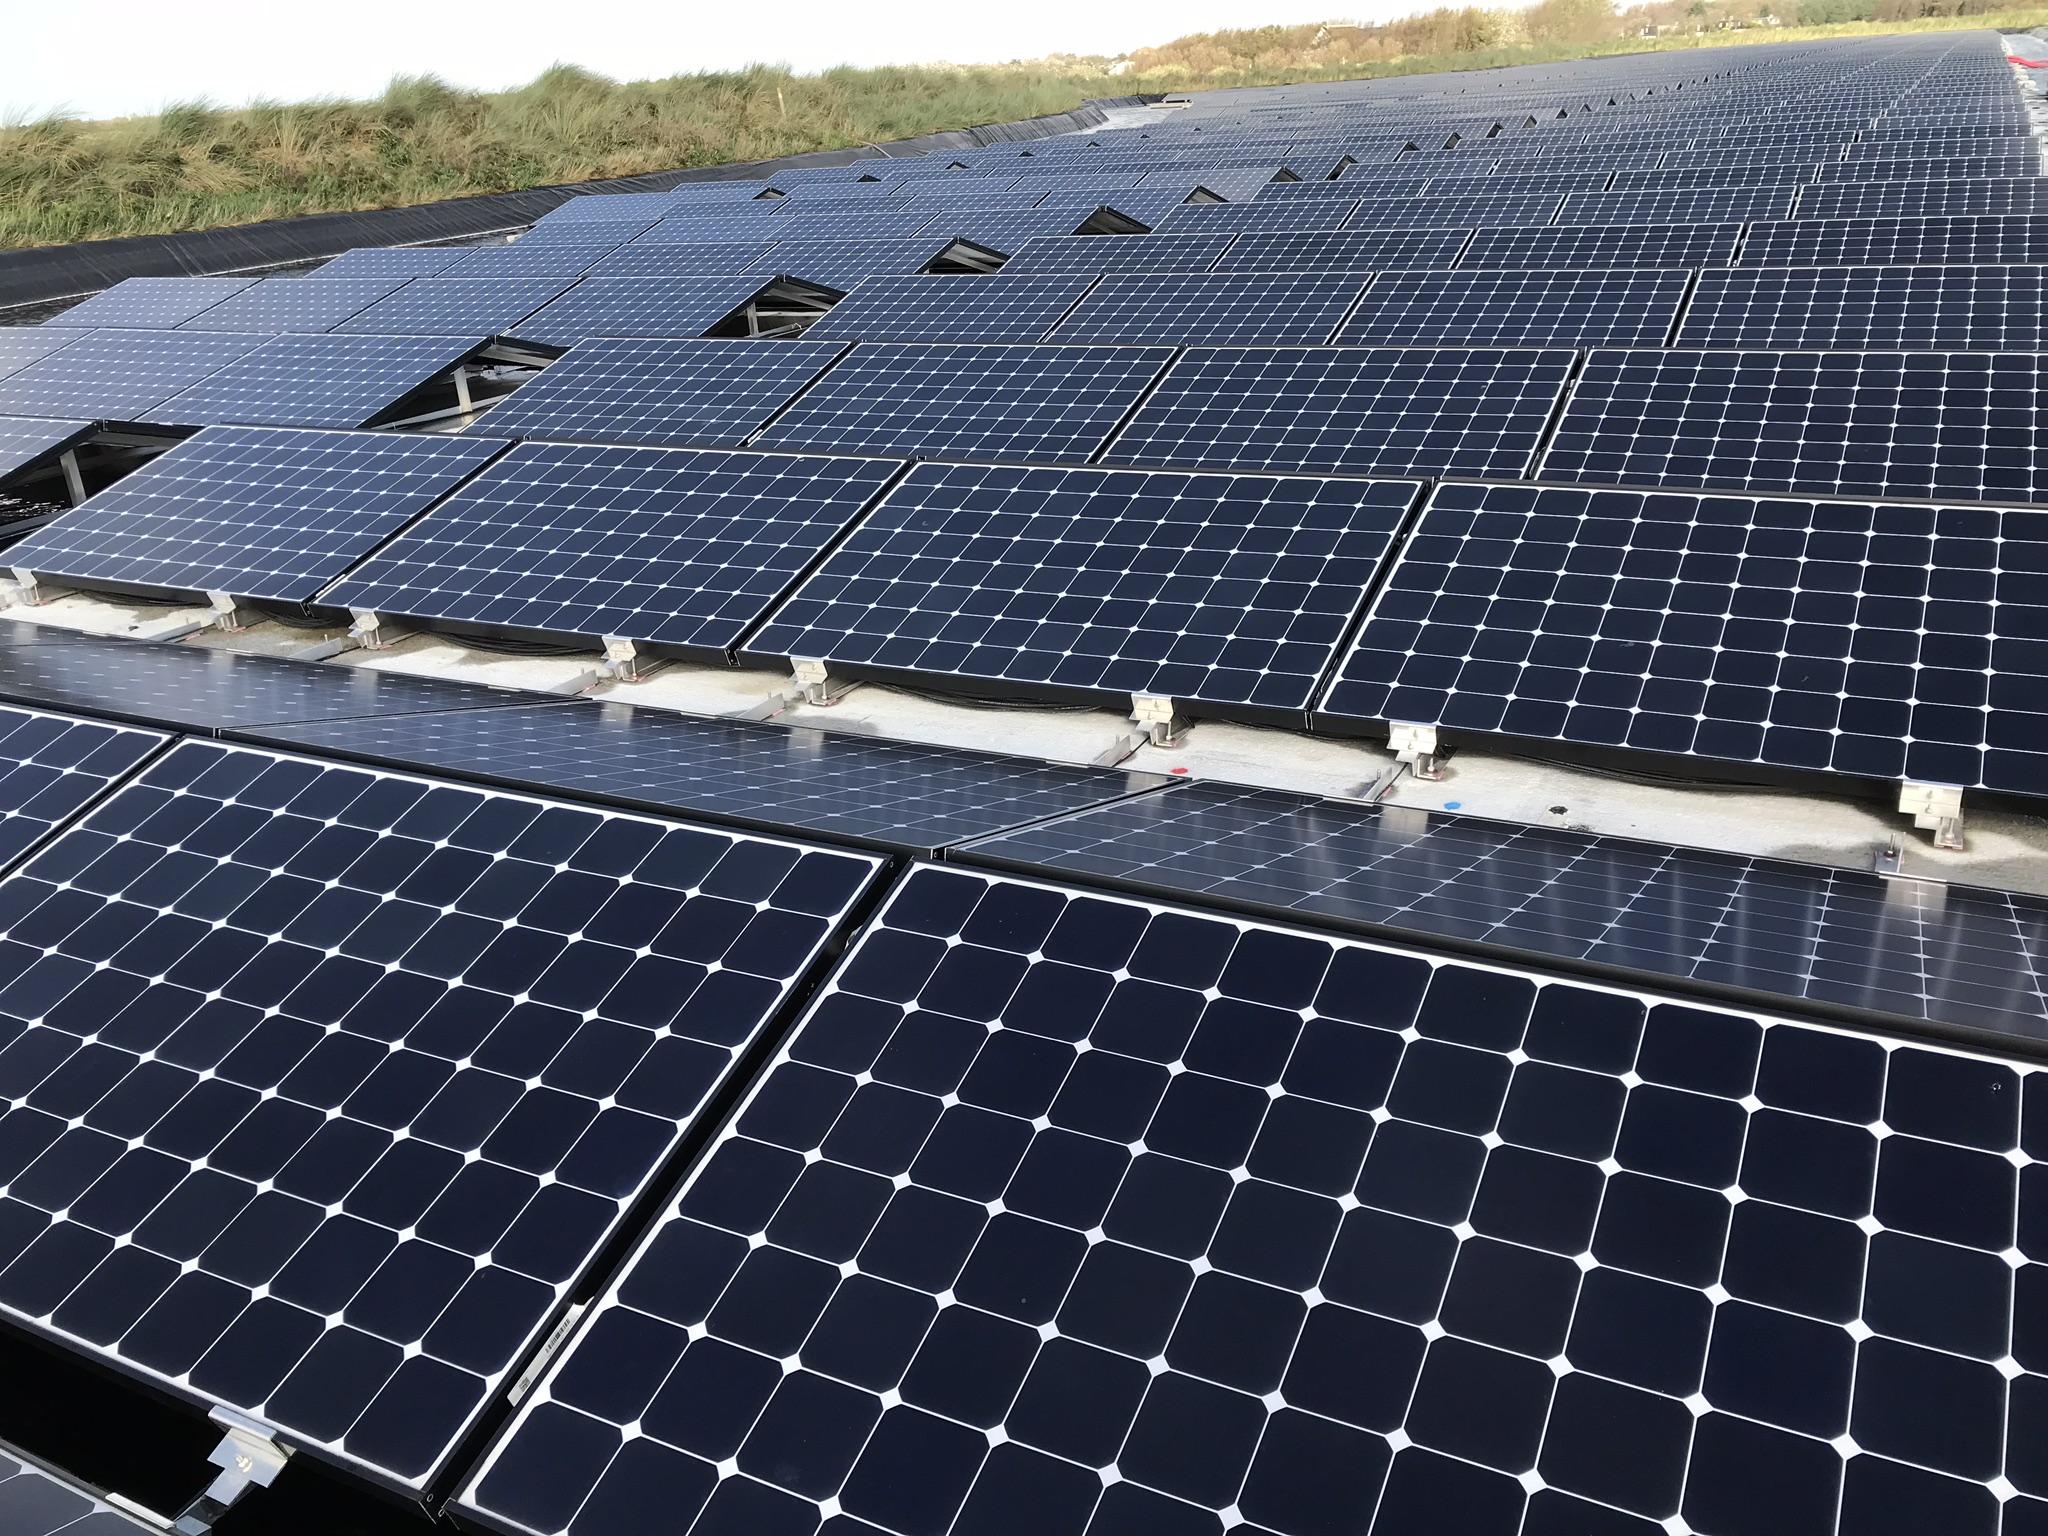 Floating-solar-pv-system-netherlands-nederland-texel-05.jpeg